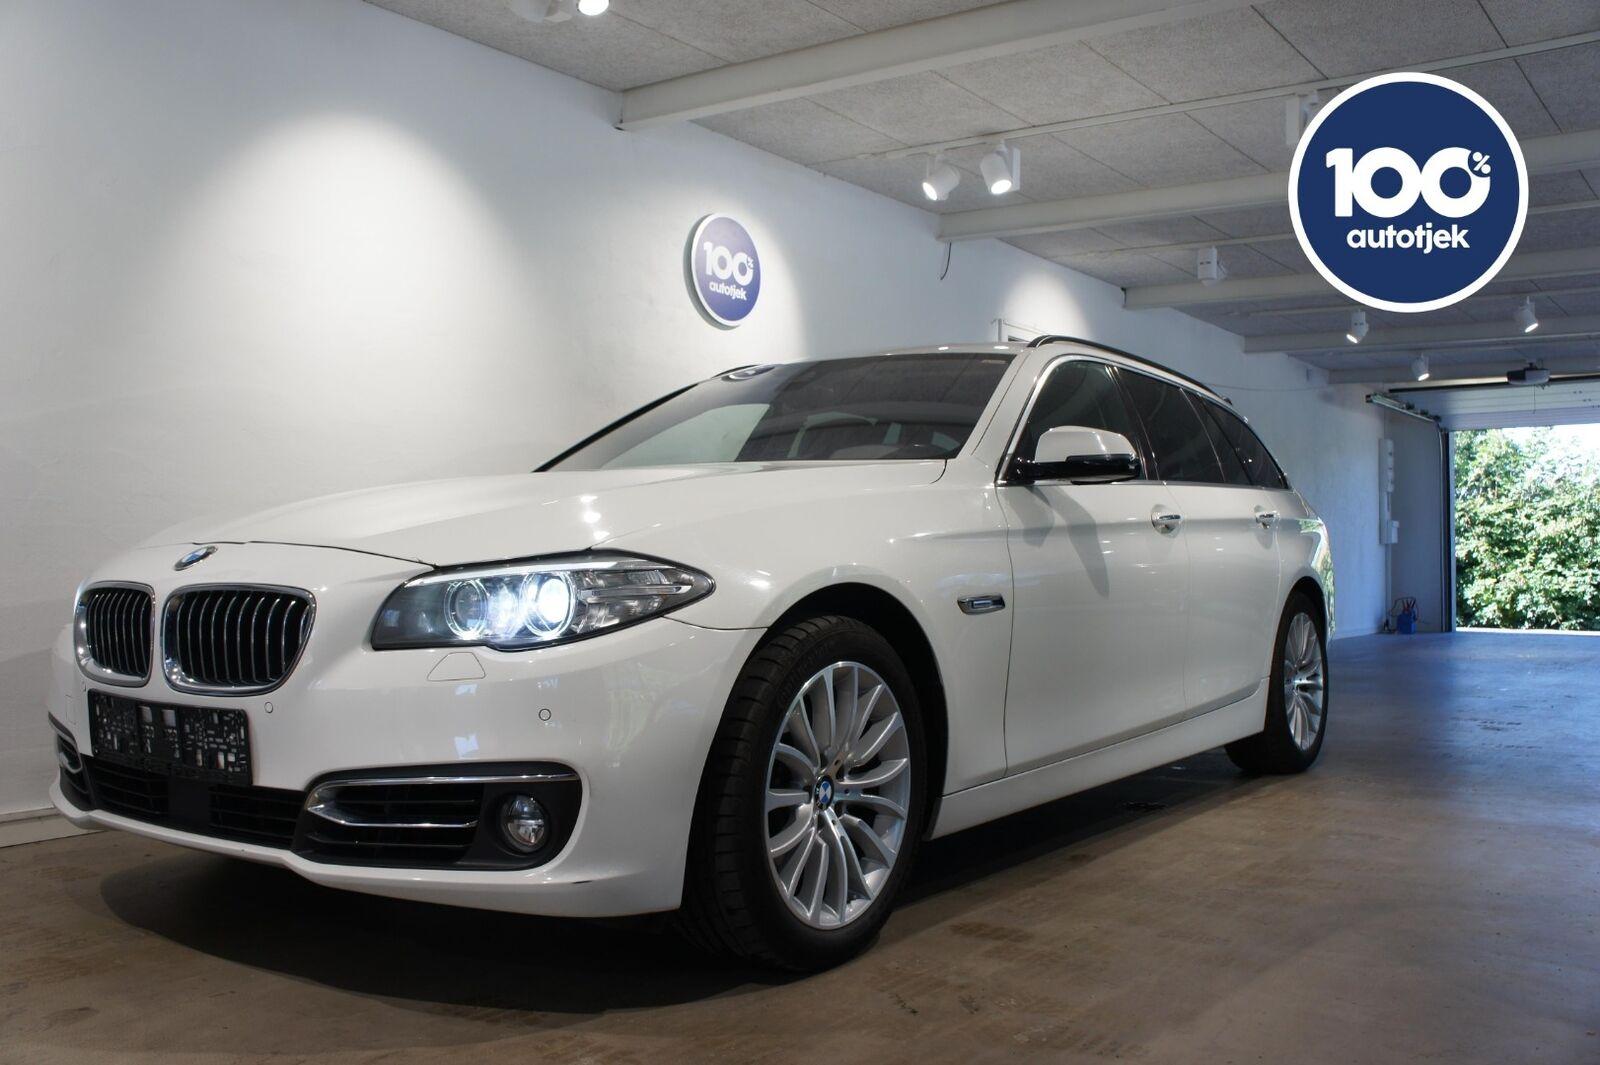 BMW 520d 2,0 Touring Luxury Line aut. 5d - 324.900 kr.